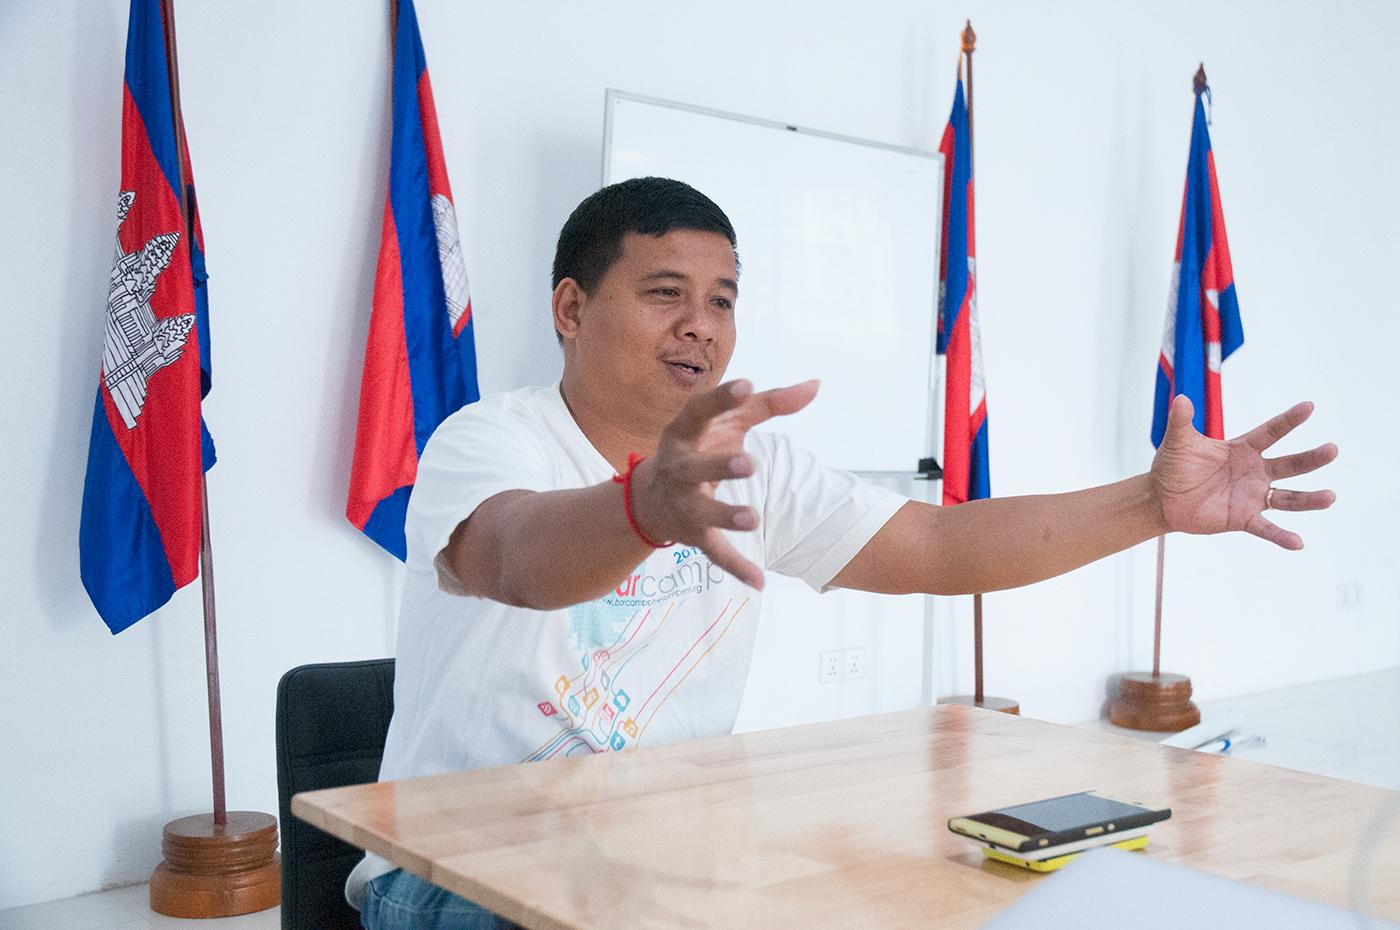 The future of BarCamp Cambodia